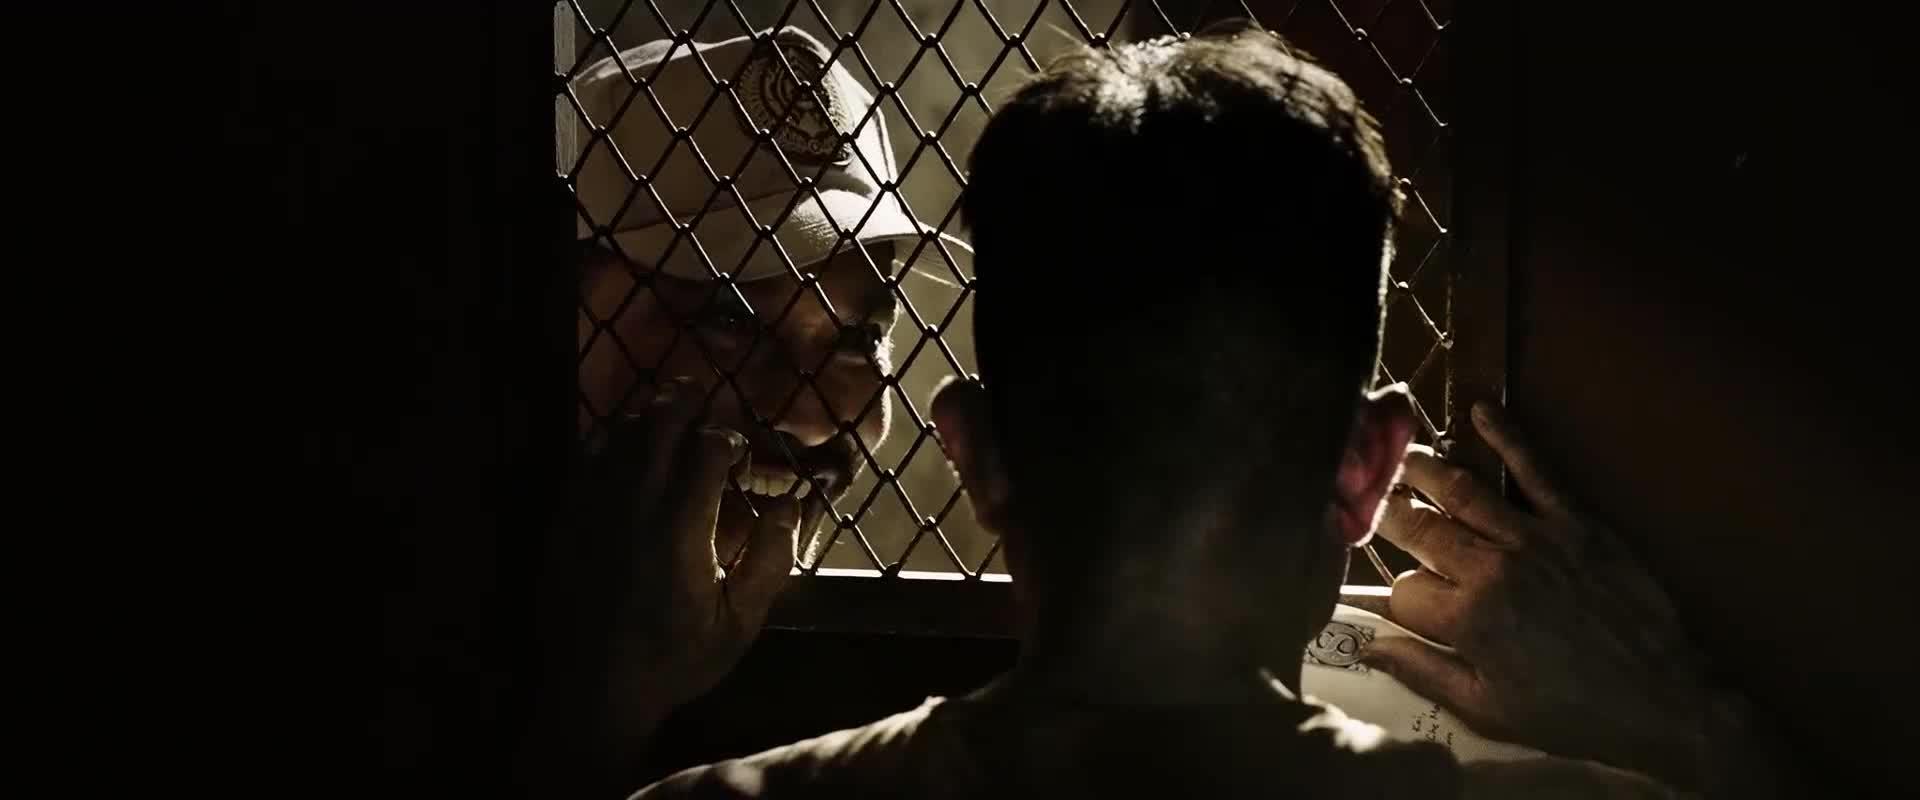 男子想送信出去,狱警不让,老头假装犯病帮他